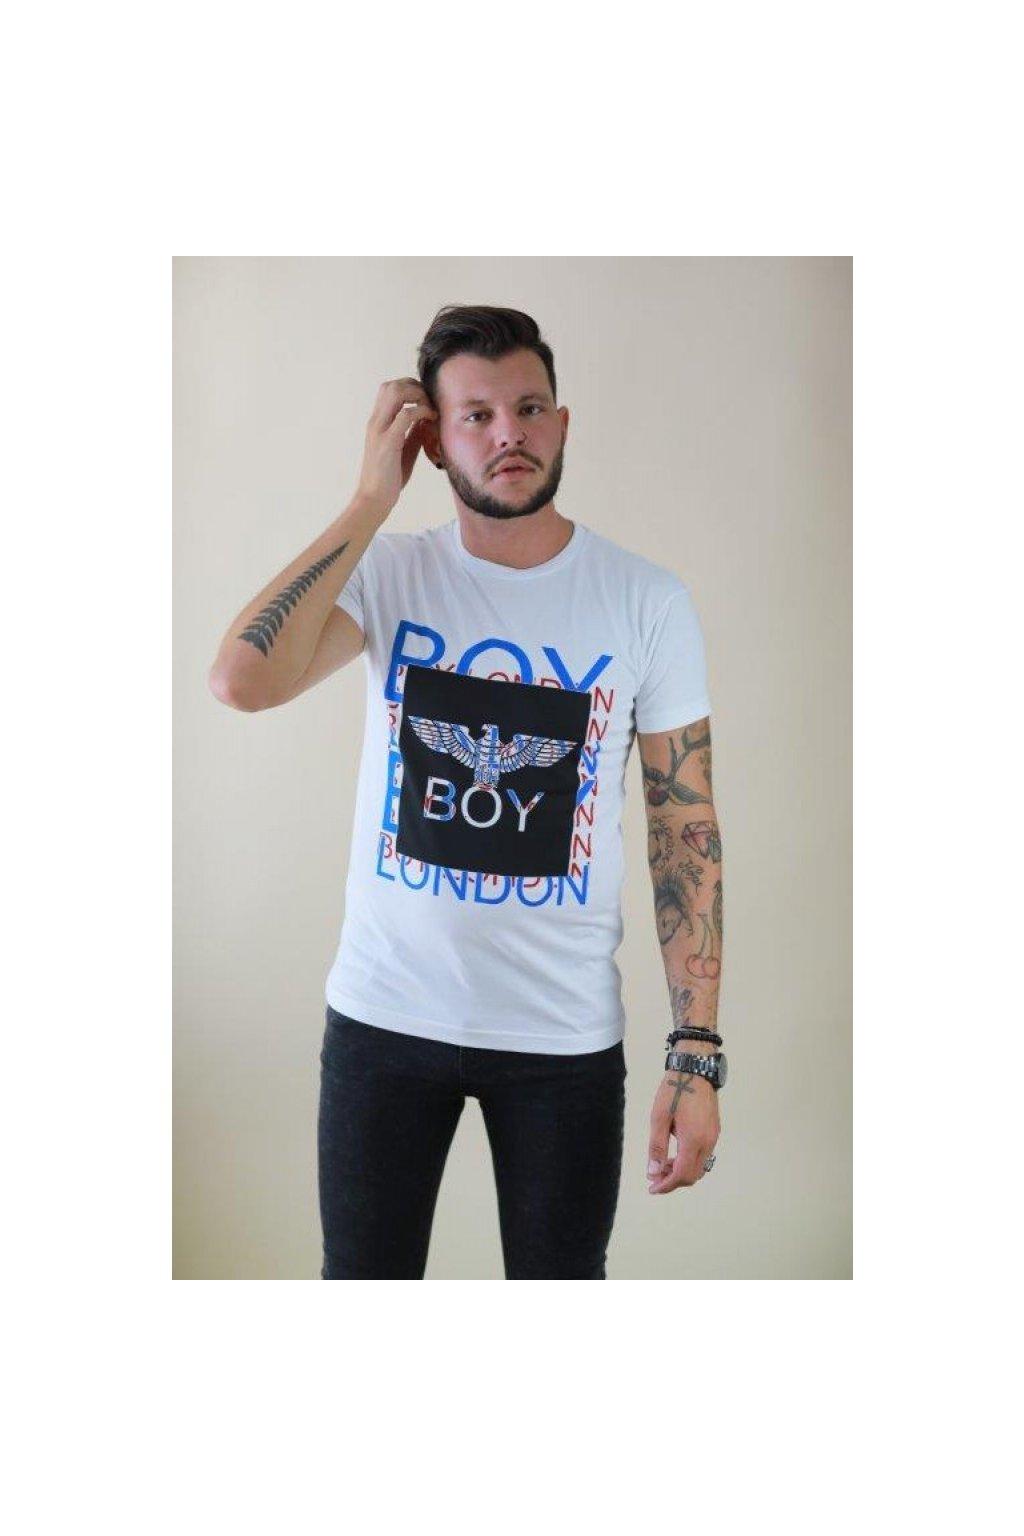 Tričko Boy London - bílé s barevným logem (Velikost Velikost S)